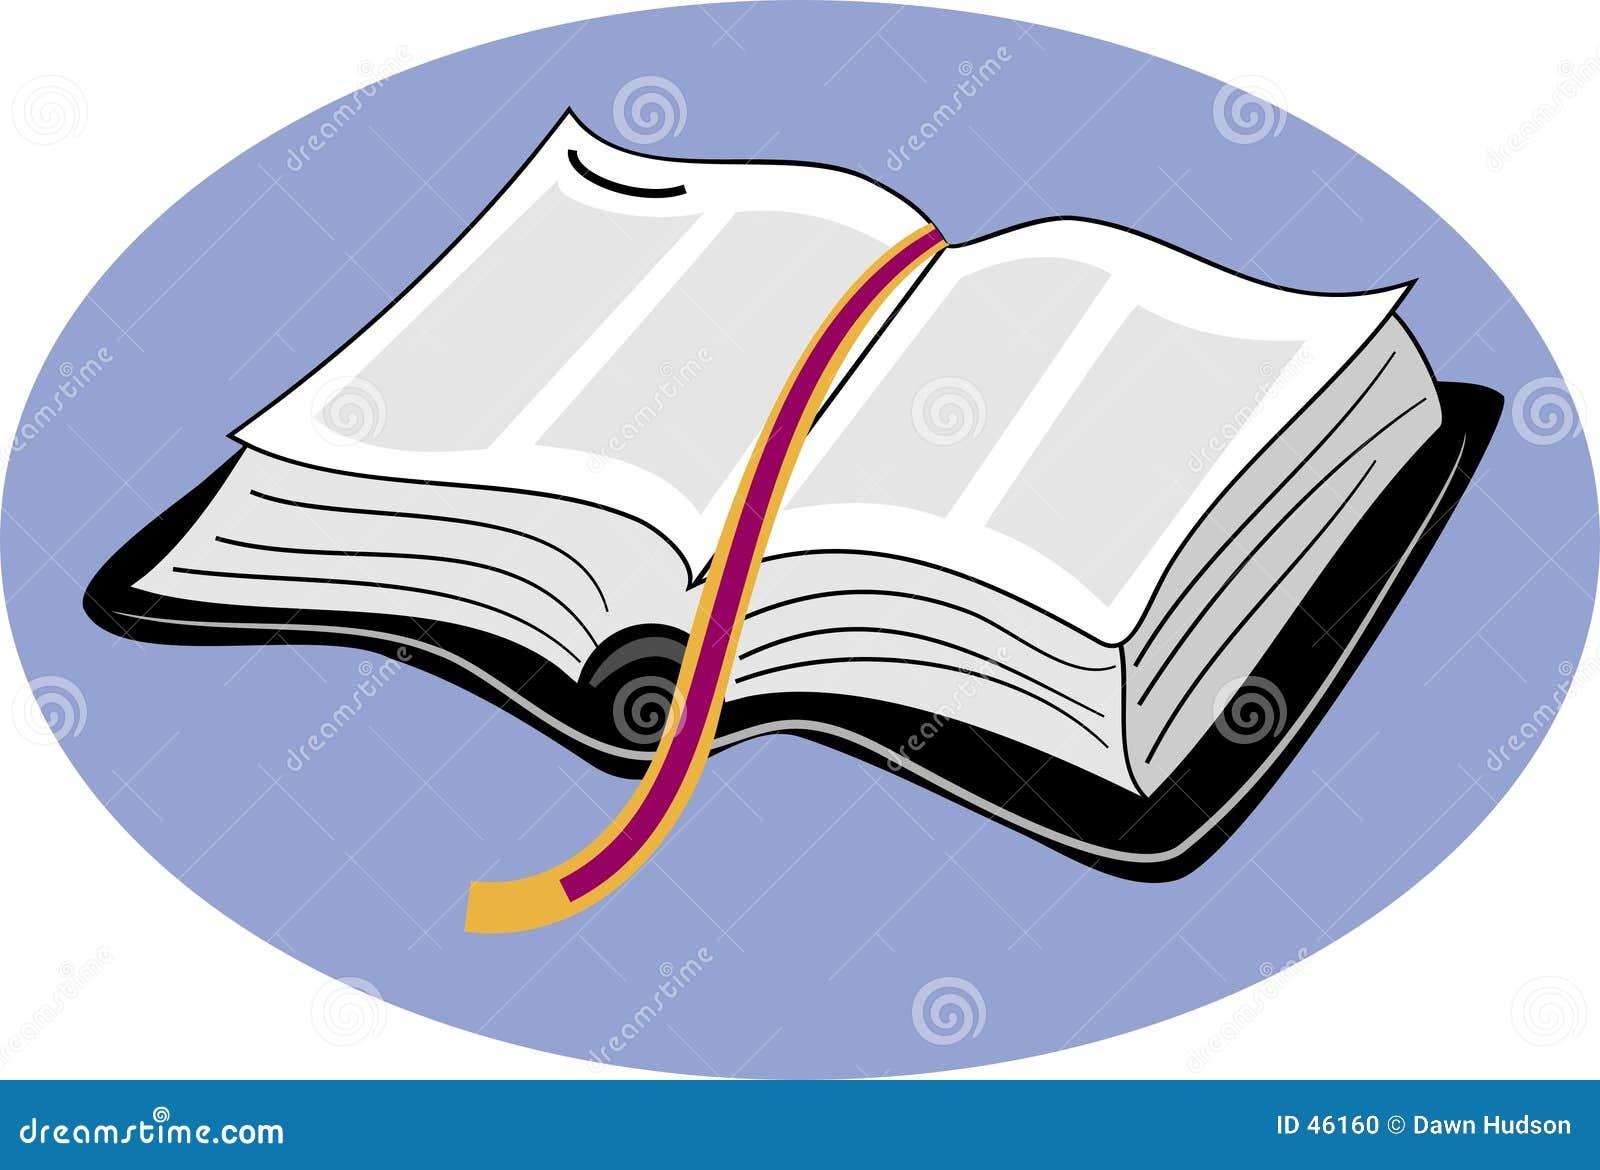 Holy Bible Stock Photo - Image: 46160